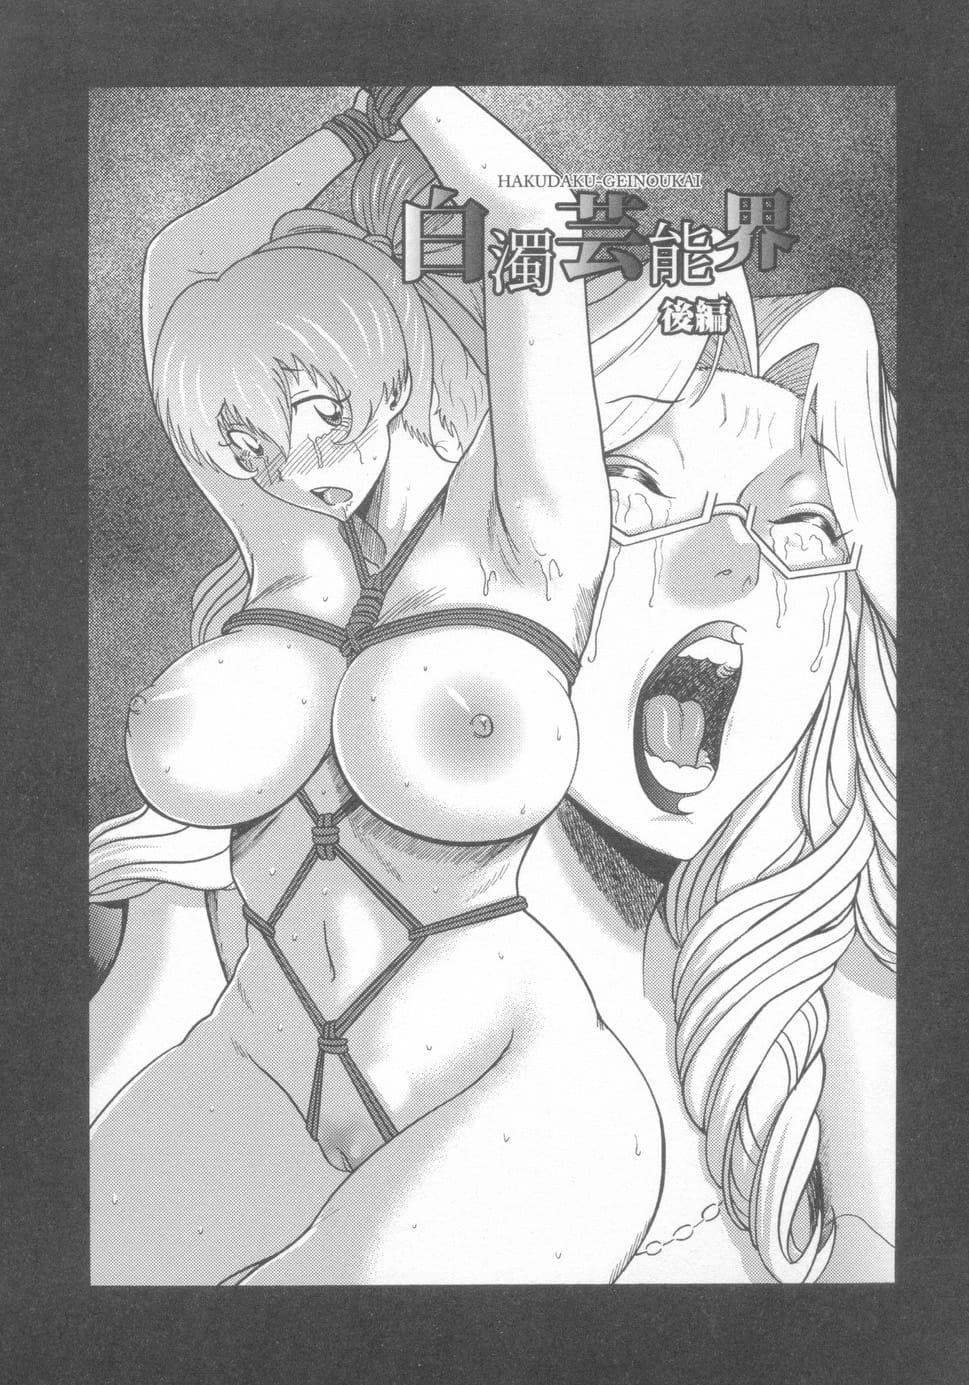 【エロ漫画】枕営業を断り傾く会社の為に緊縛輪姦で処女喪失するグラビア娘を助けに来た熟女母も集団レイプで肉便器に!